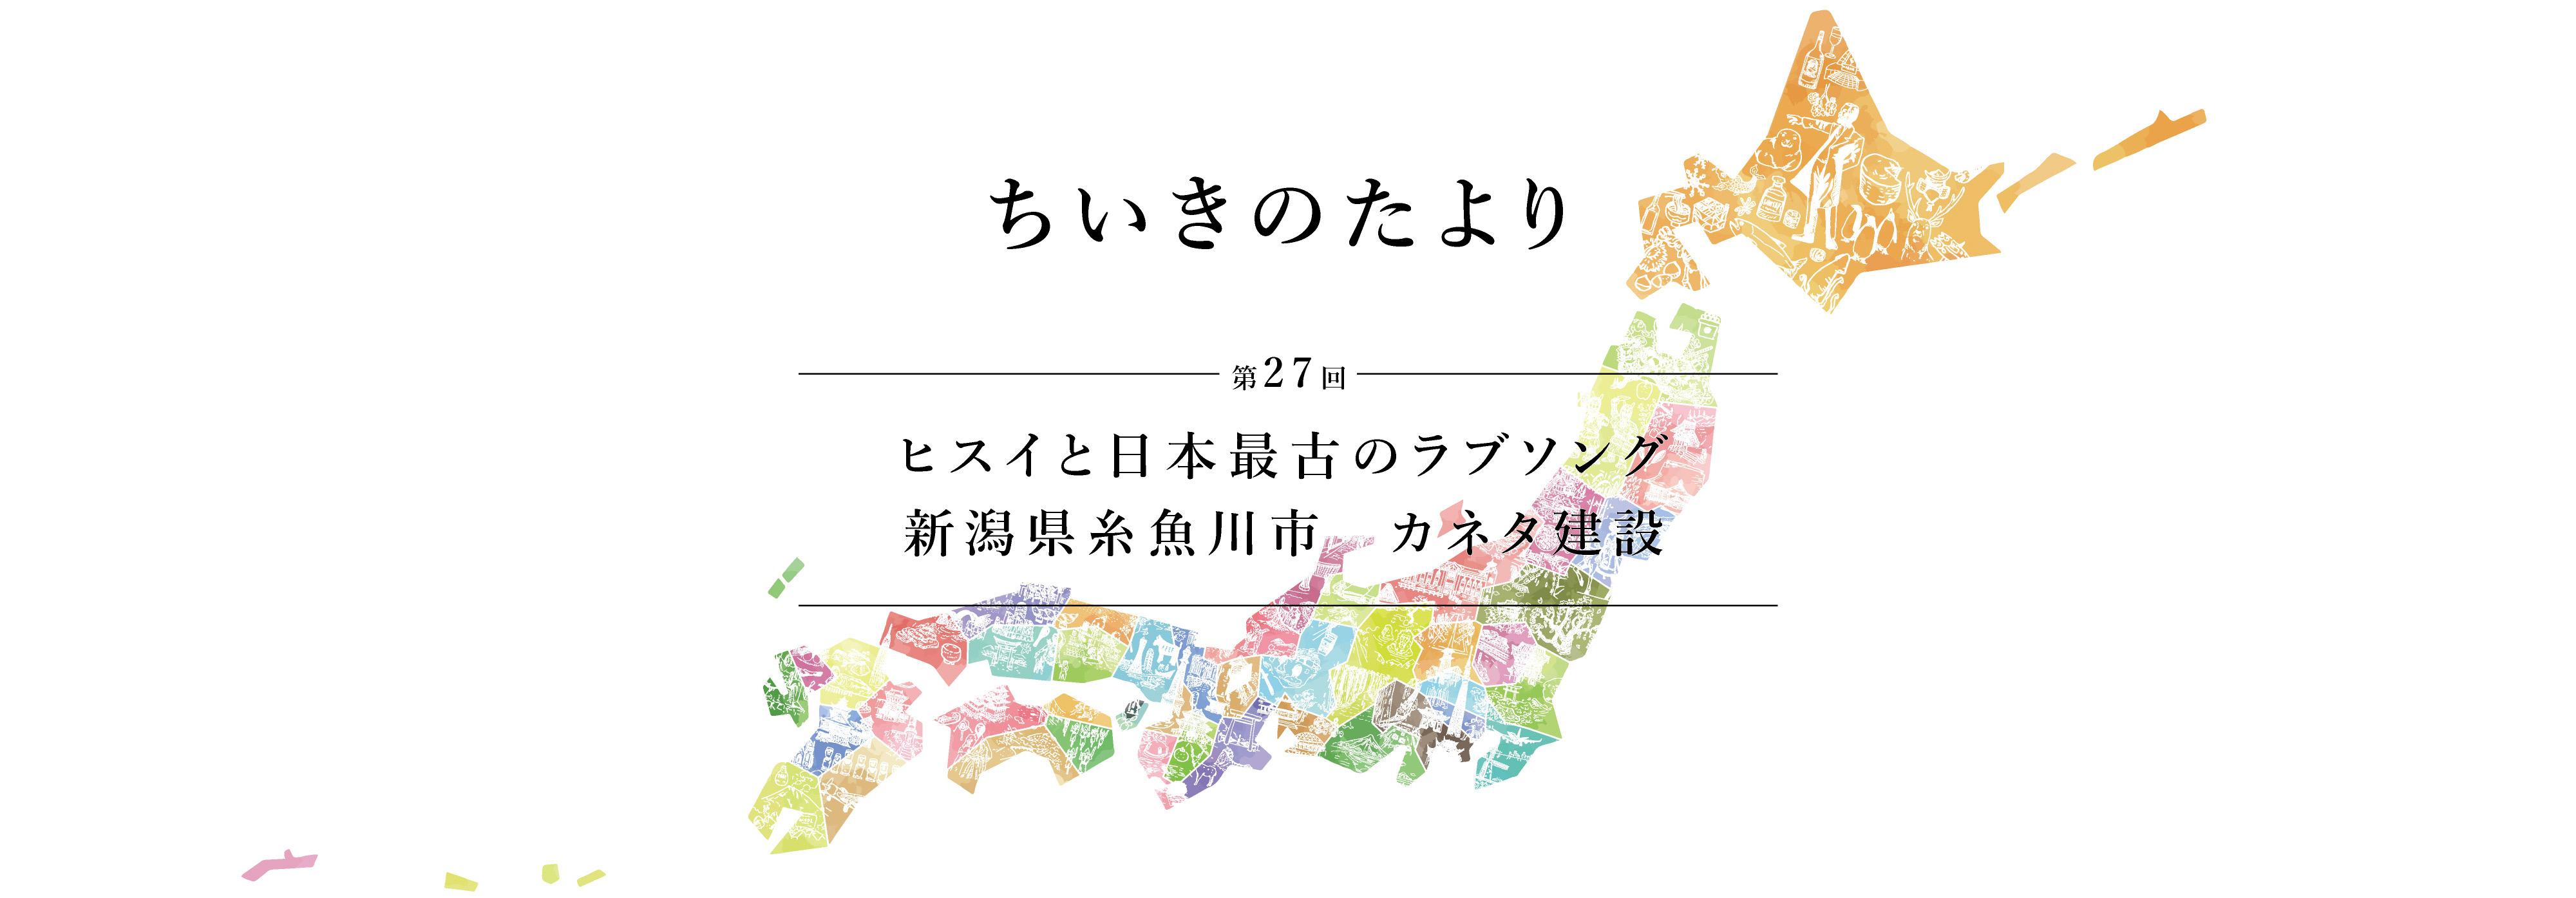 ちいきのたより第27回ヒスイと日本最古のラブソング新潟県糸魚川市カネタ建設